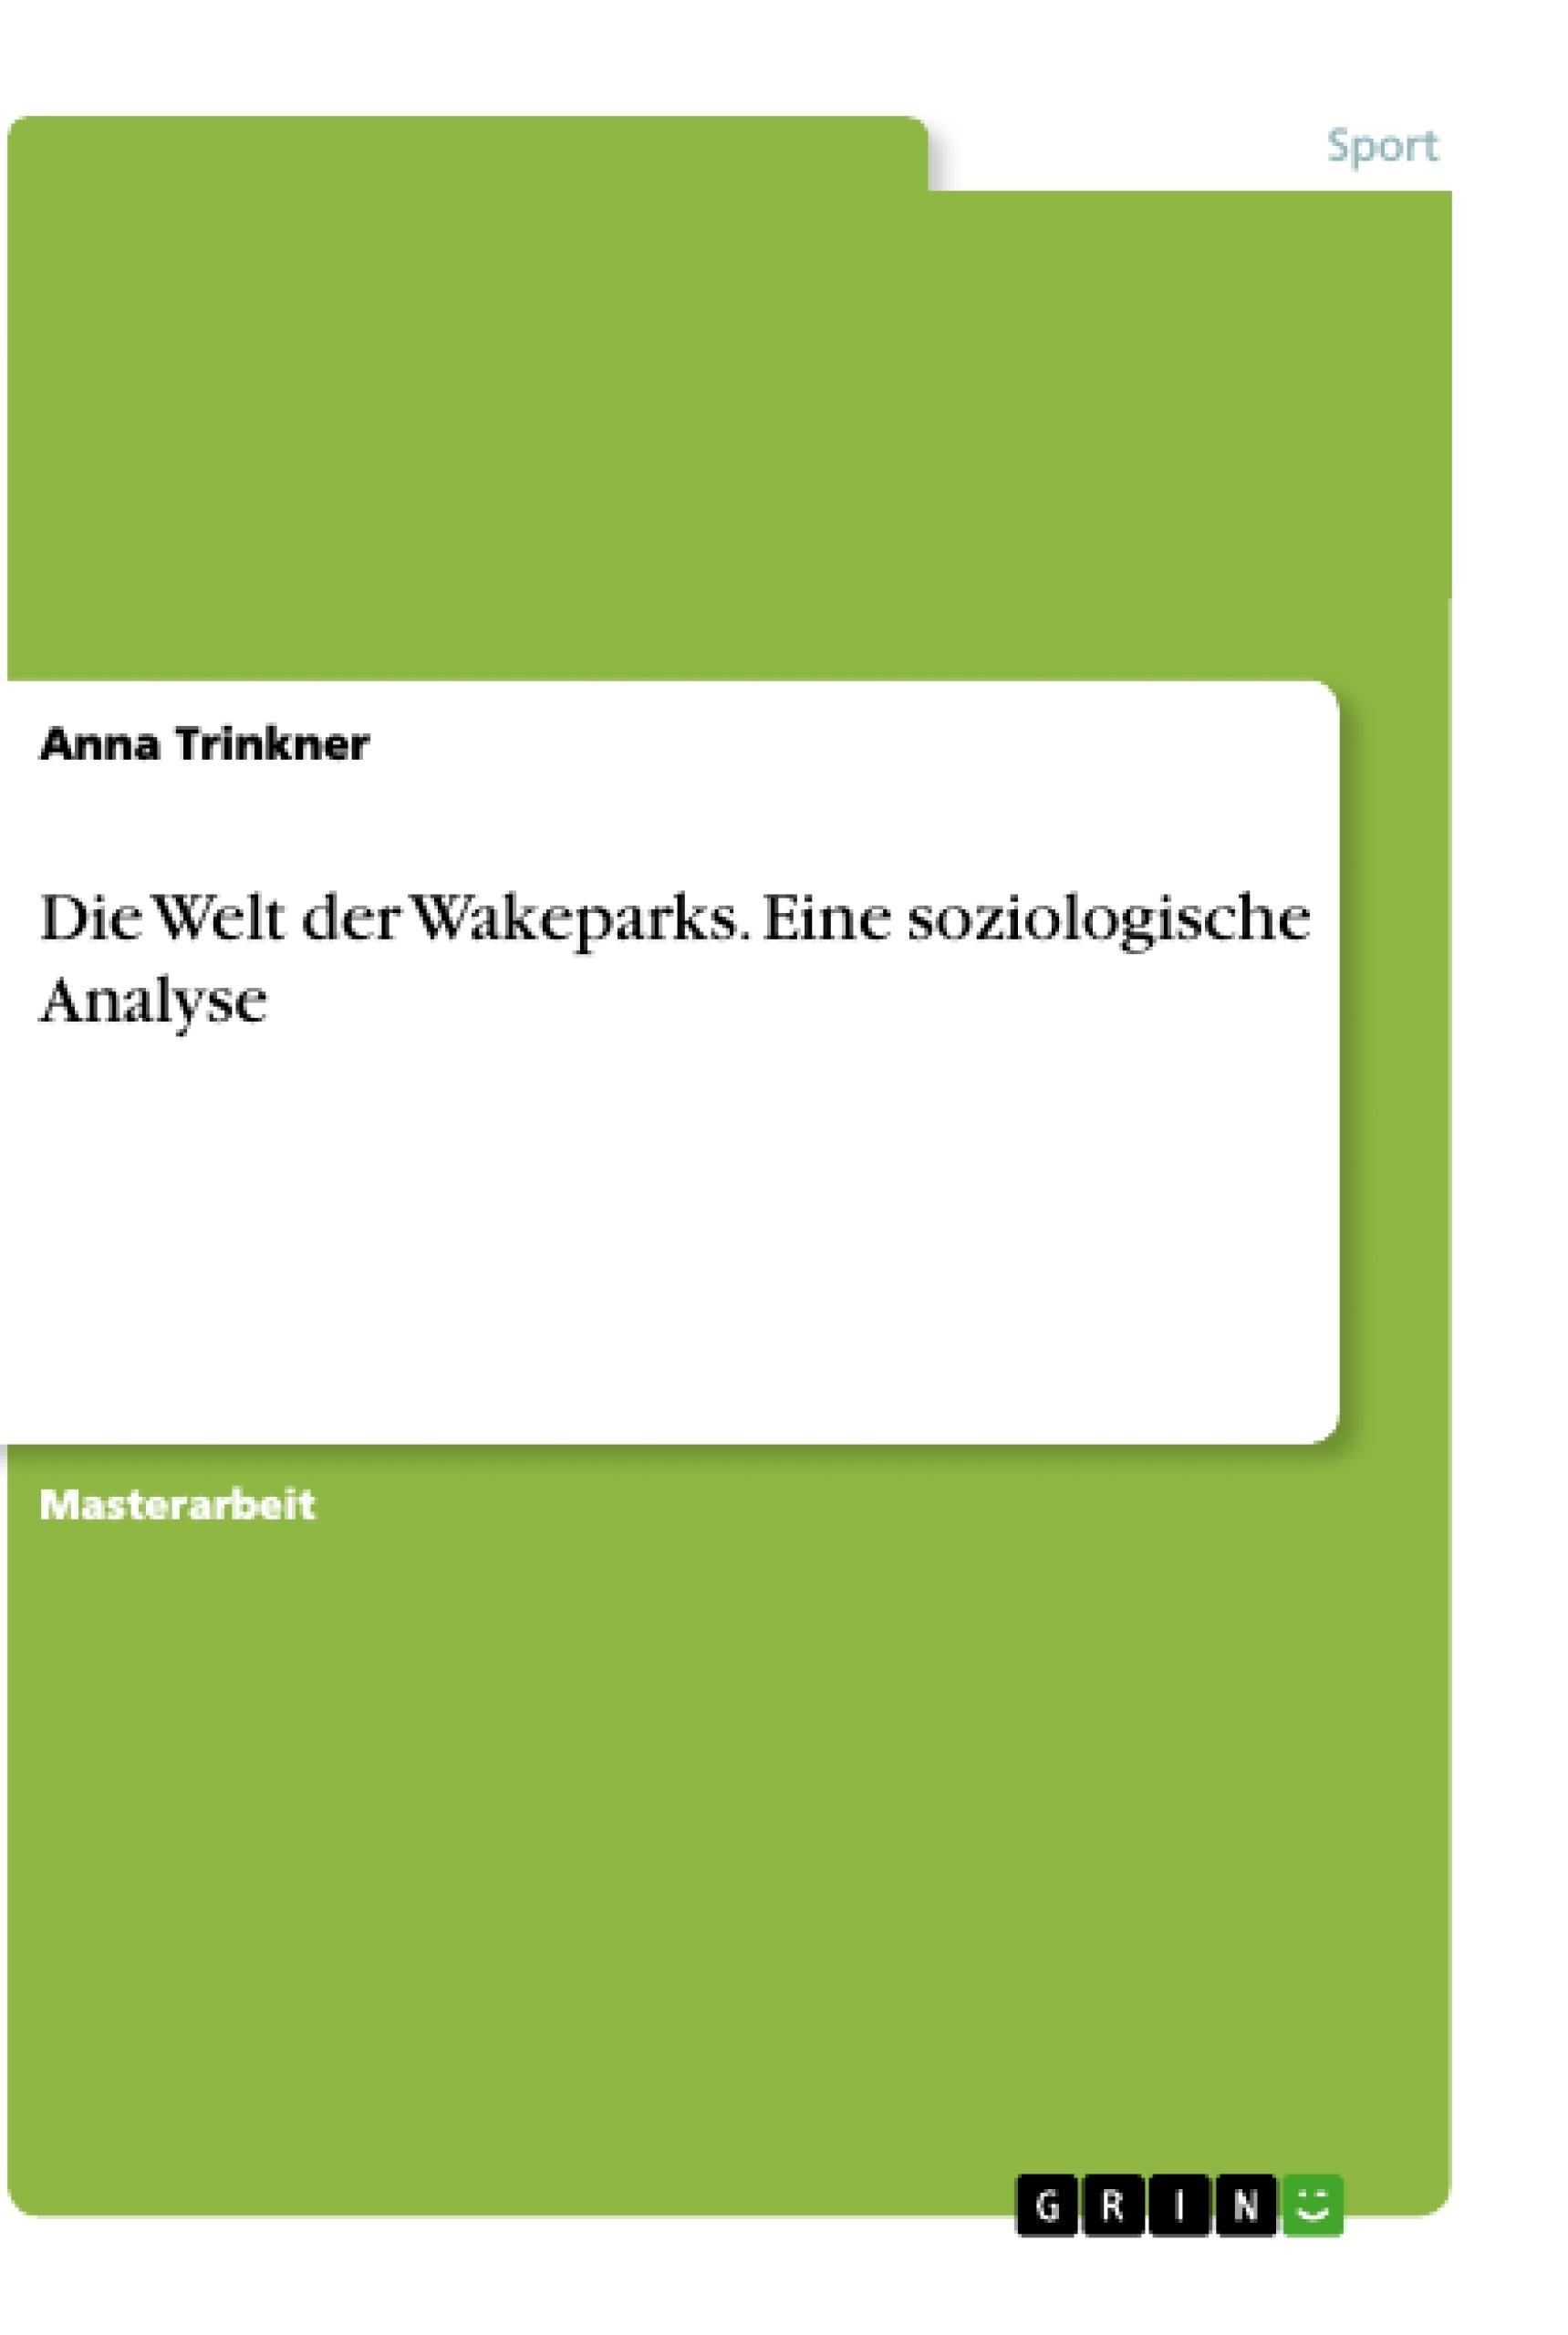 Titel: Die Welt der Wakeparks. Eine soziologische Analyse